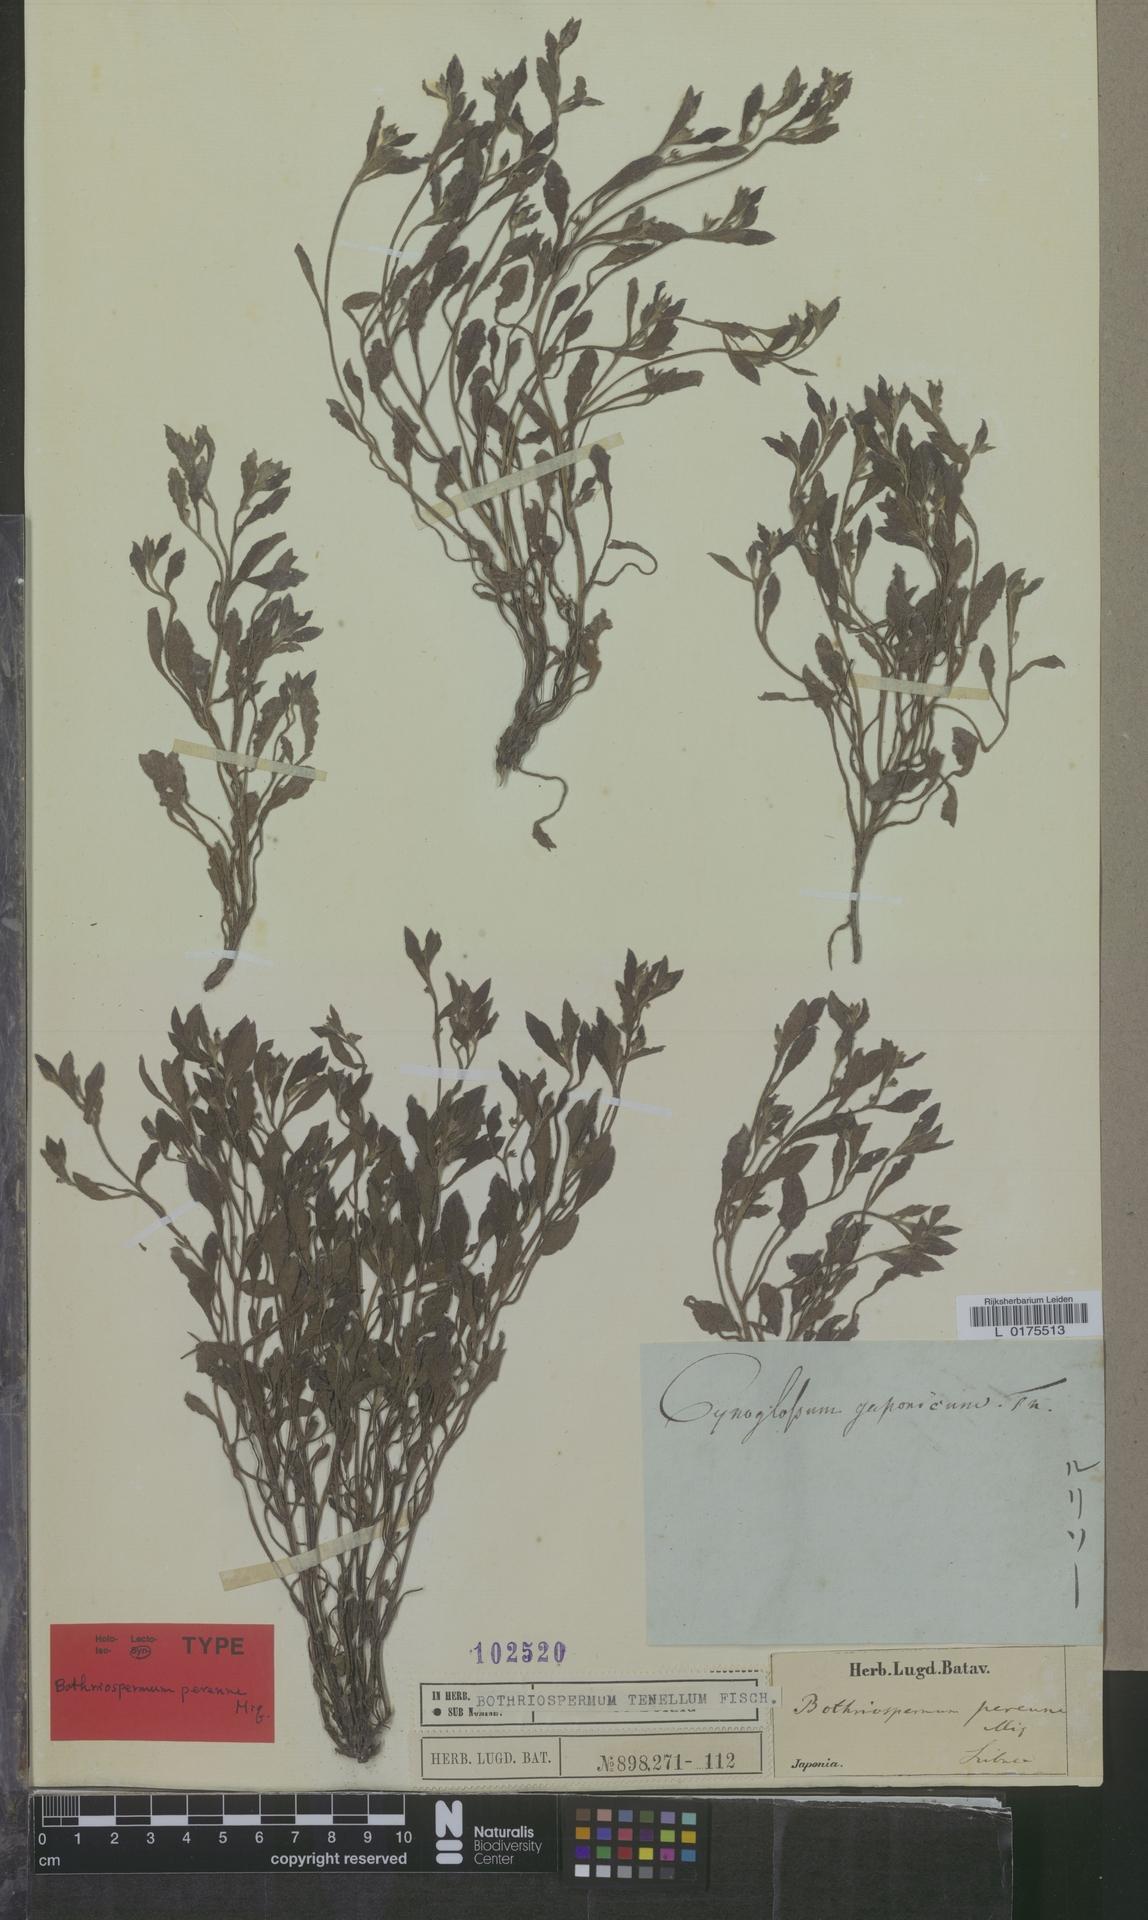 L  0175513 | Bothriospermum tenellum Fisch.